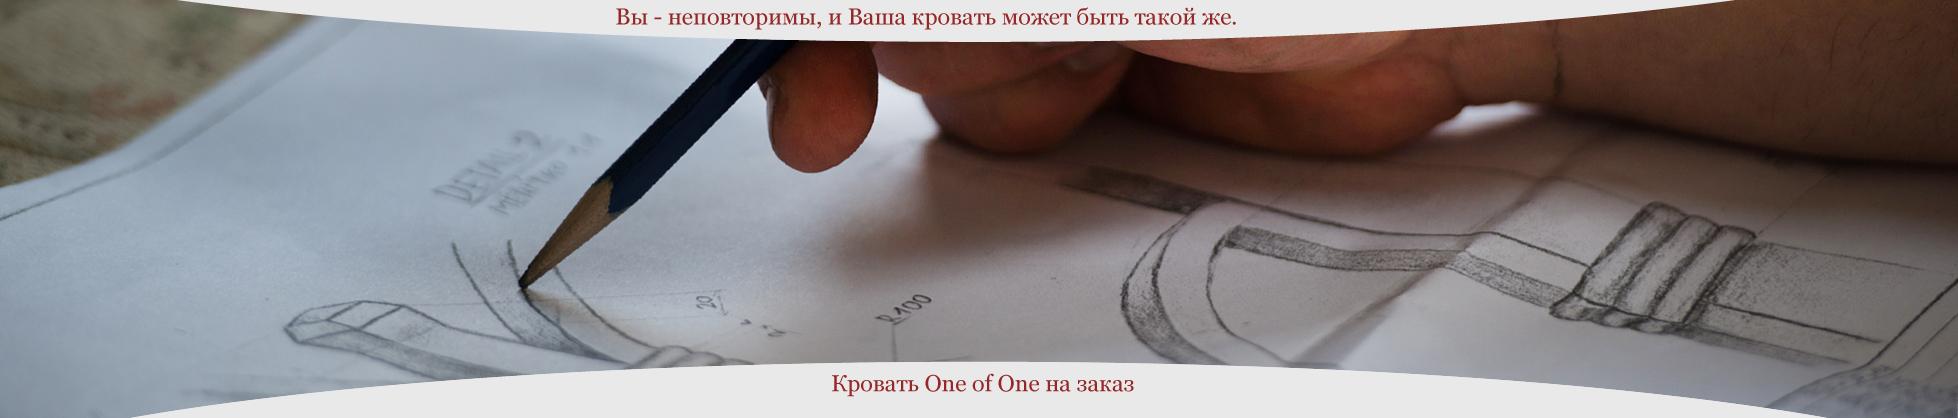 rusia-copy